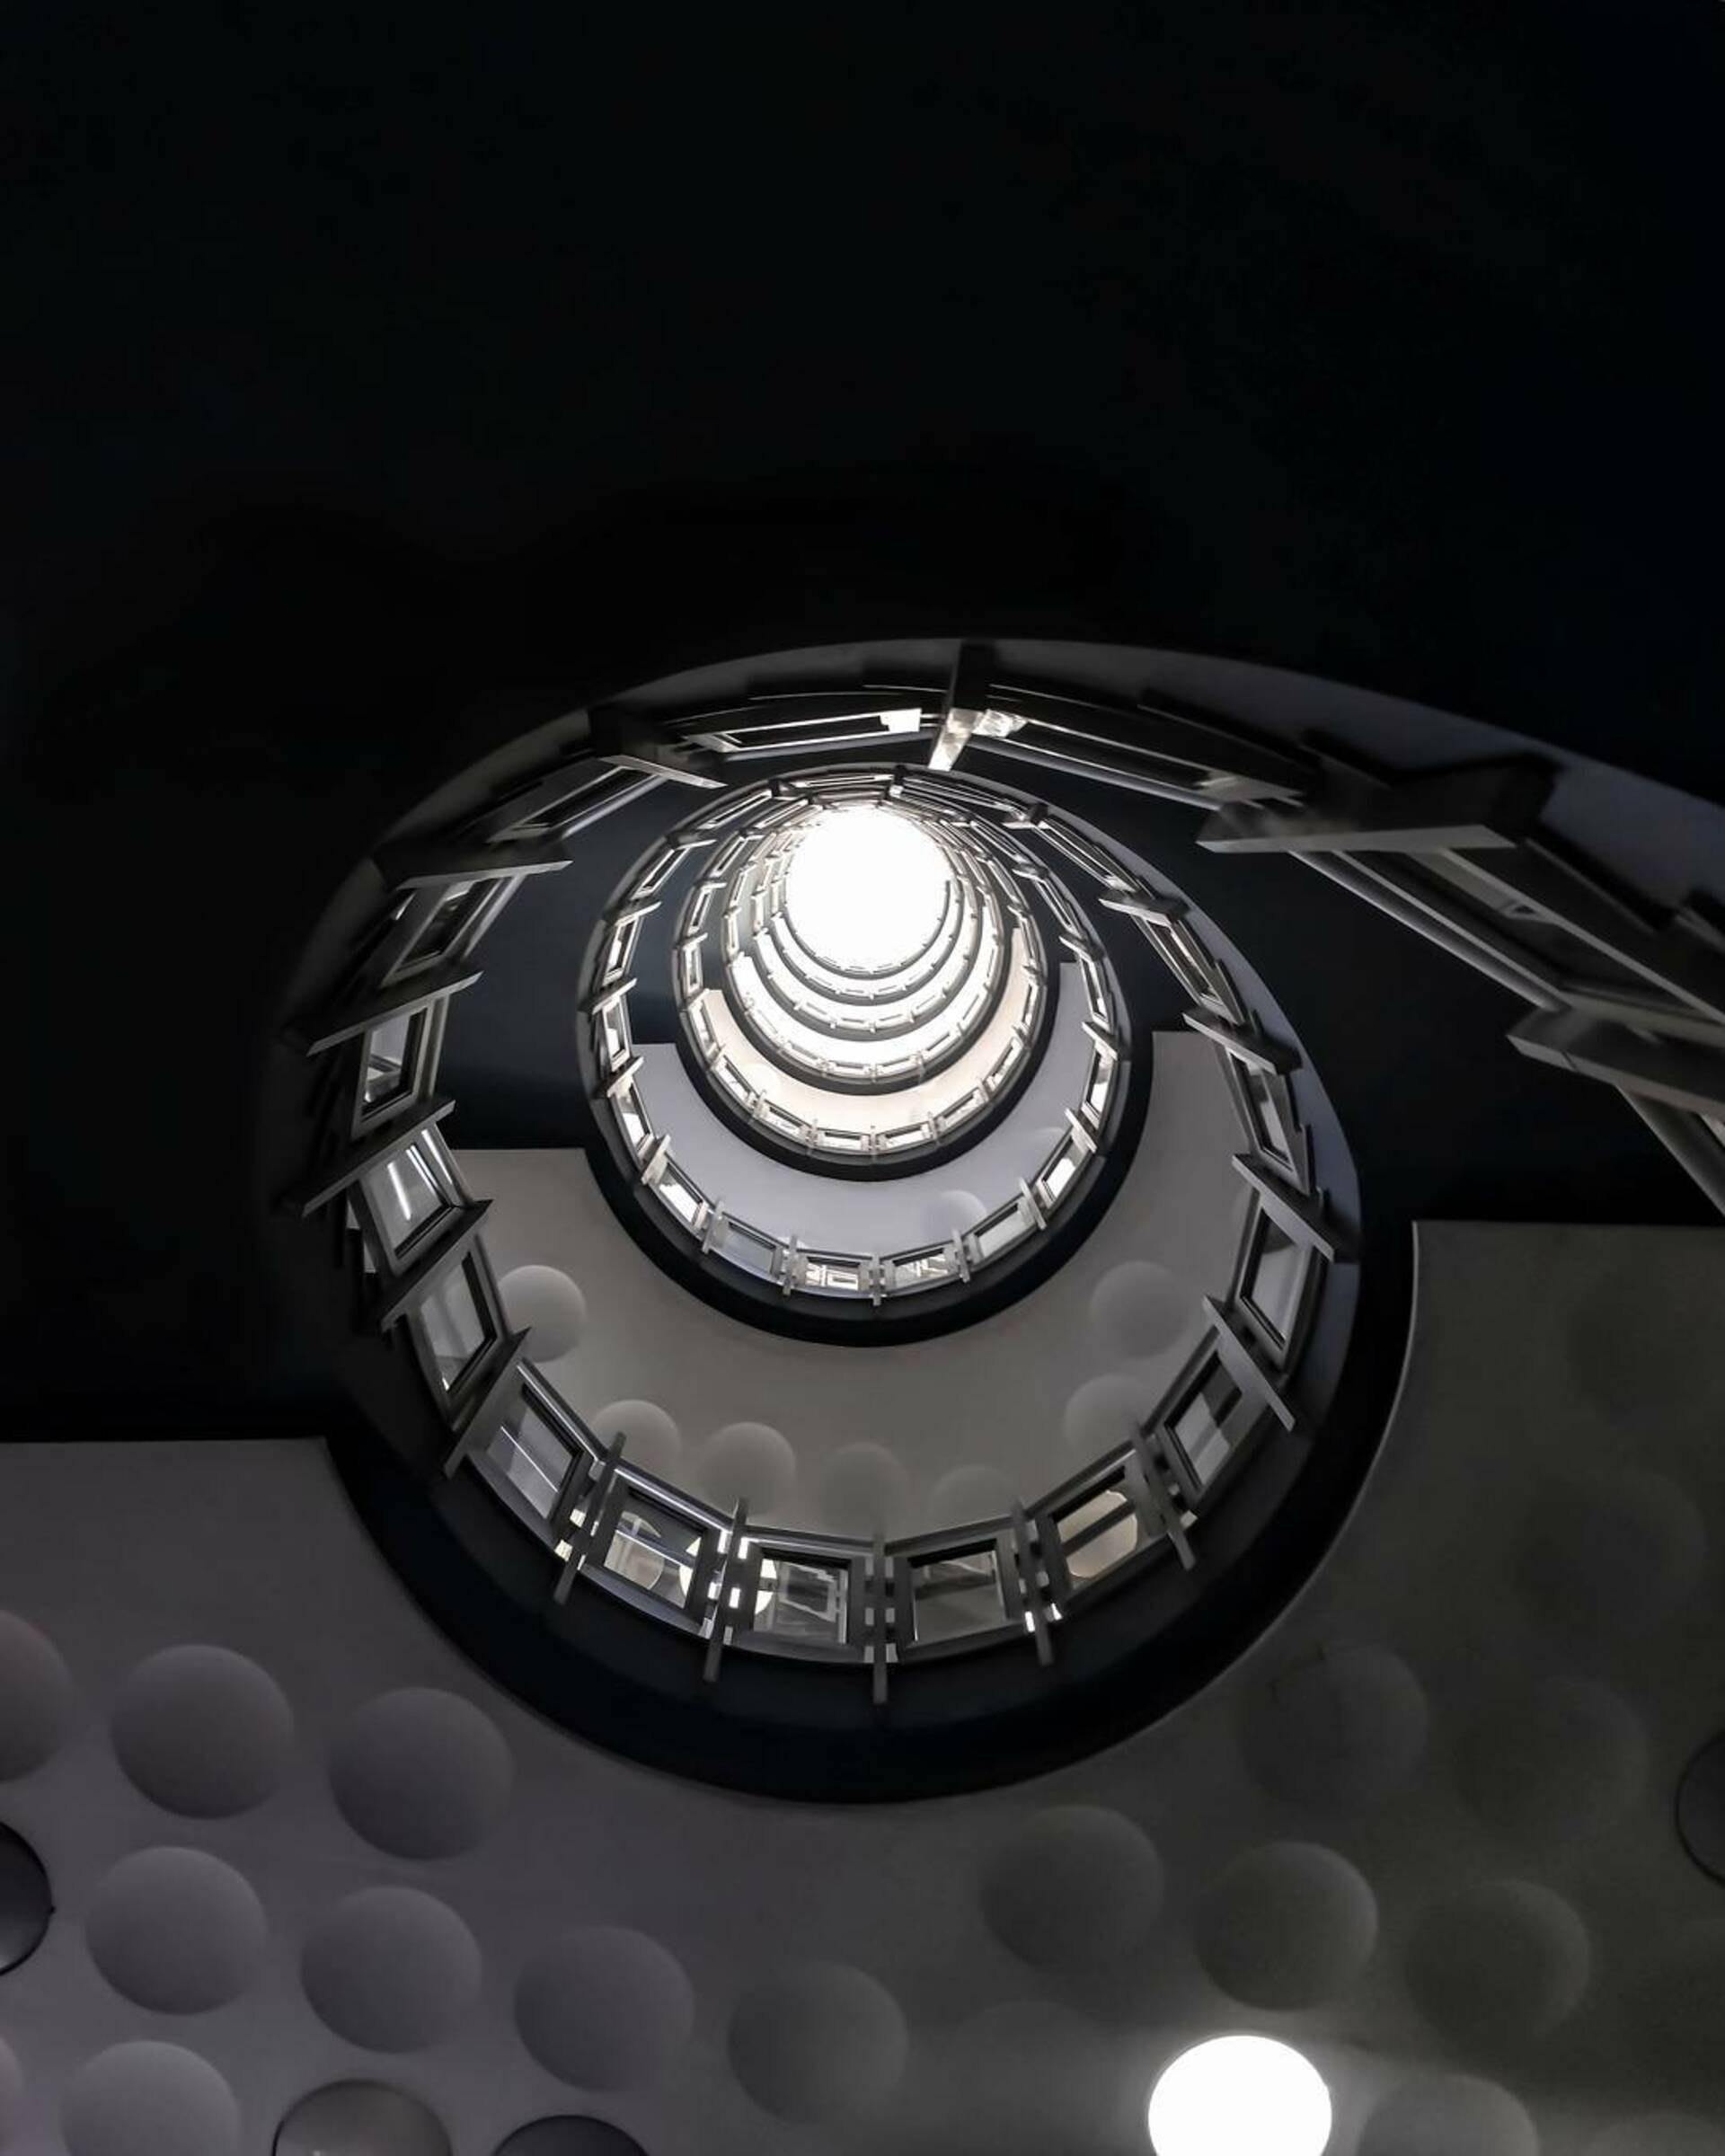 Image taken by  Matheus Viana  ( Pexels.com )